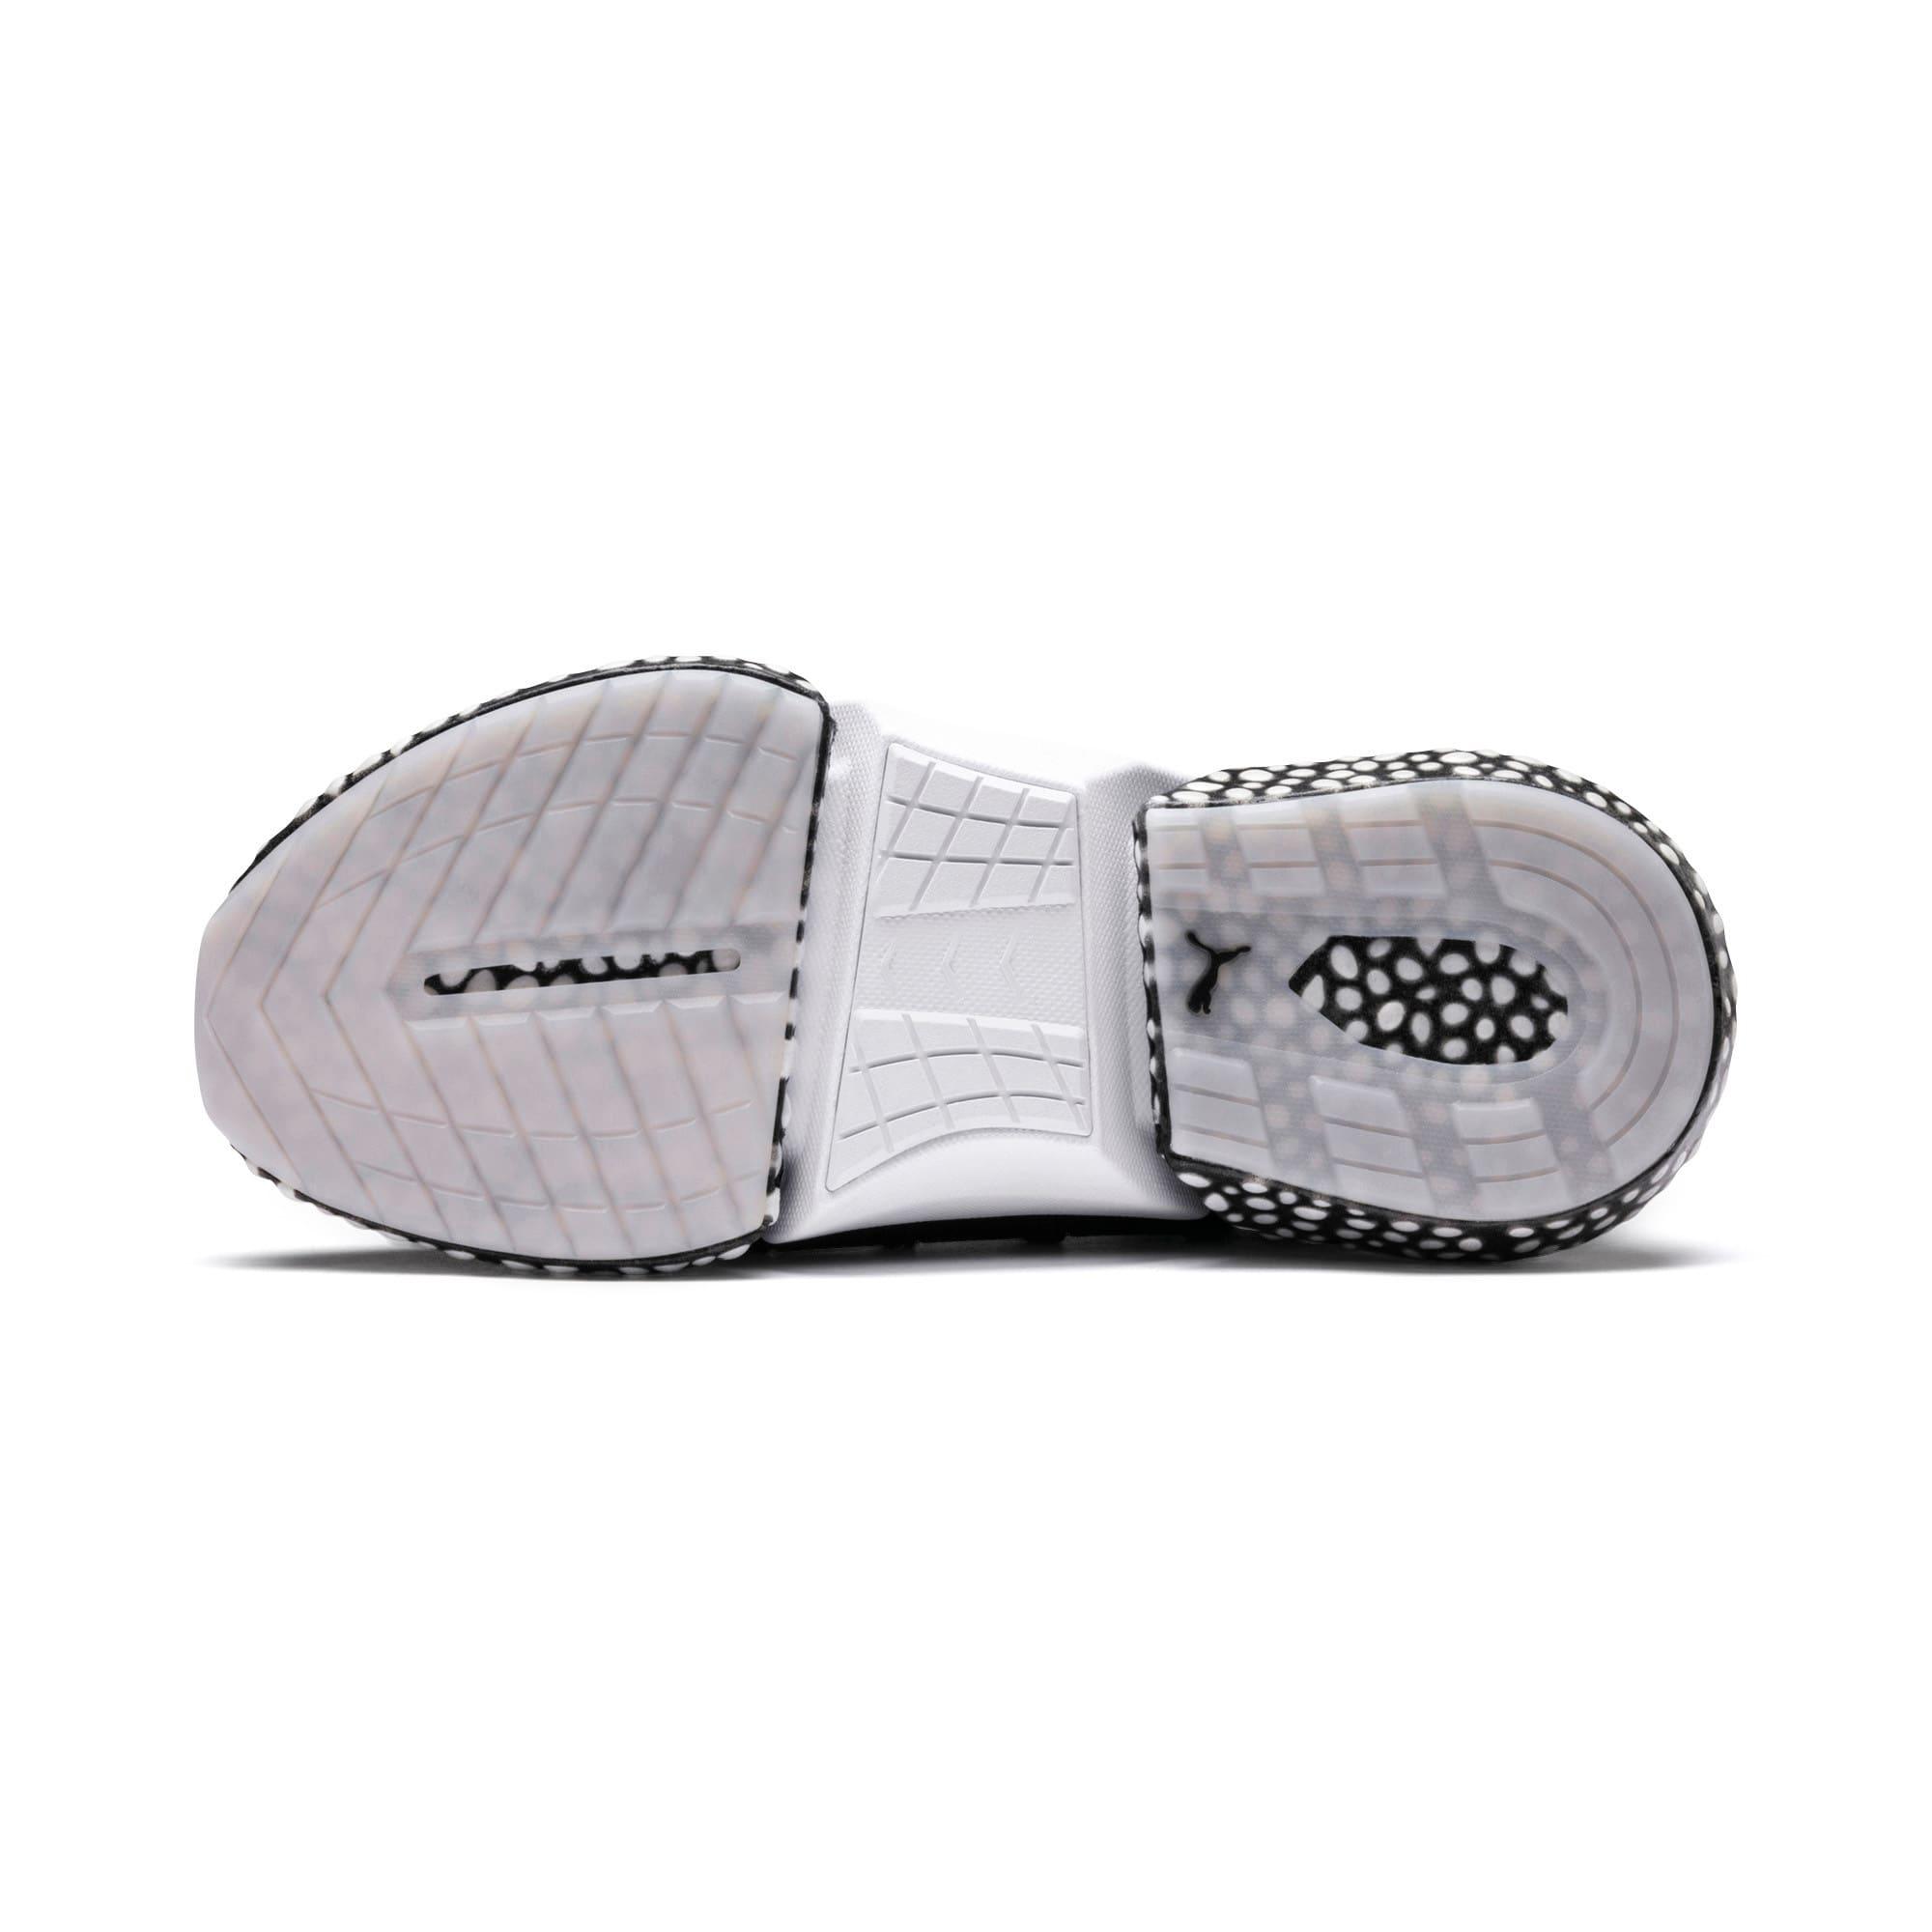 Thumbnail 3 of HYBRID Rocket Runner Women's Running Shoes, Black-Iron Gate-White, medium